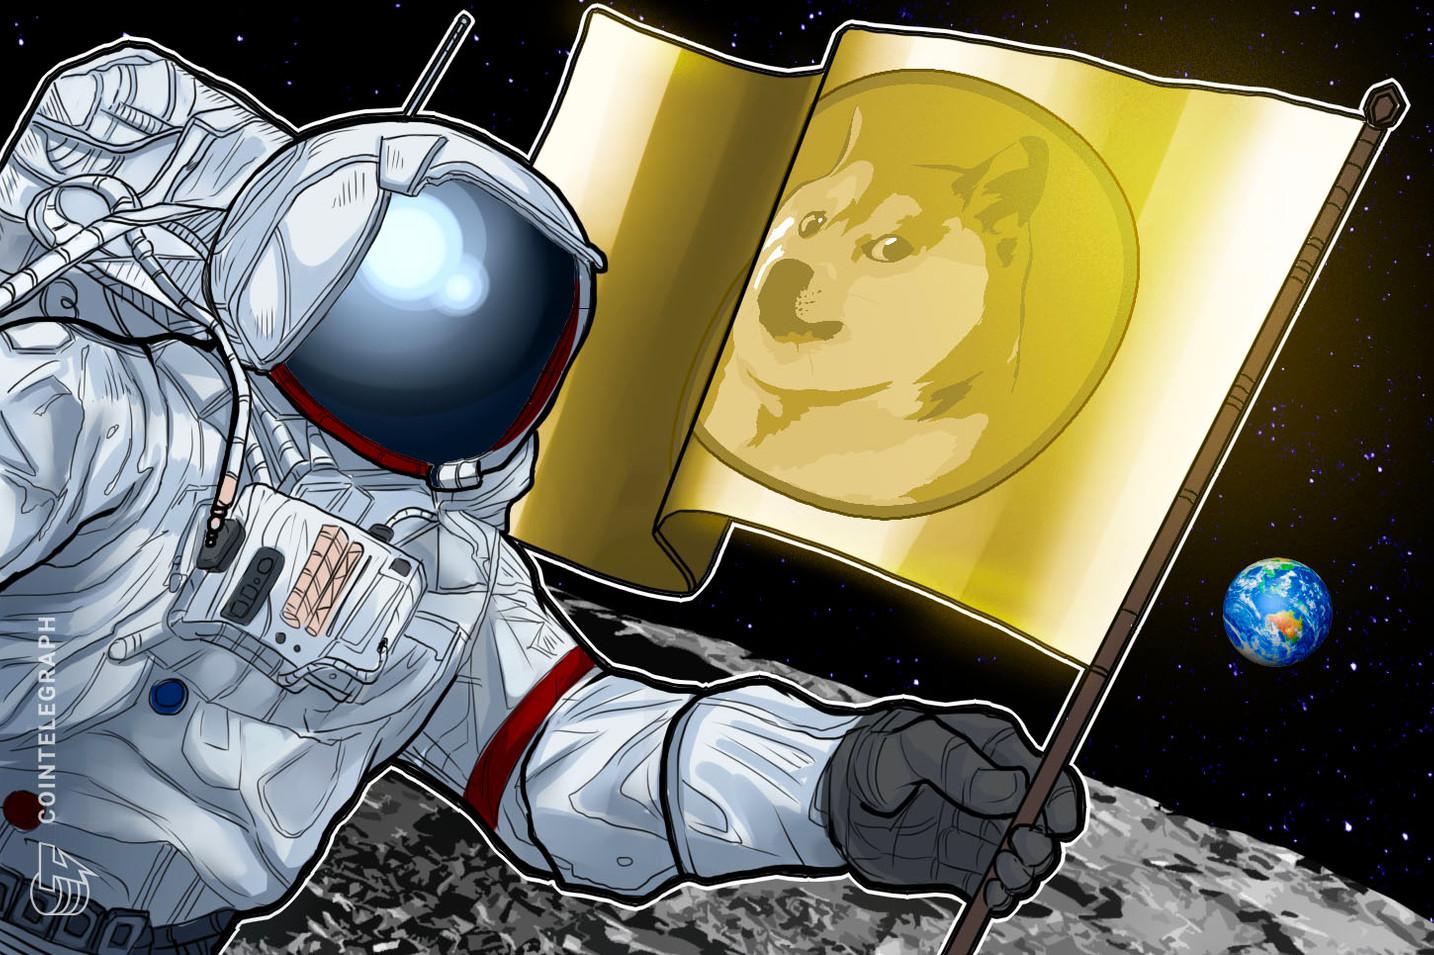 ¿DOGE literalmente a la luna? Elon Musk lo insinúa en la prueba de la nave Starship SN10